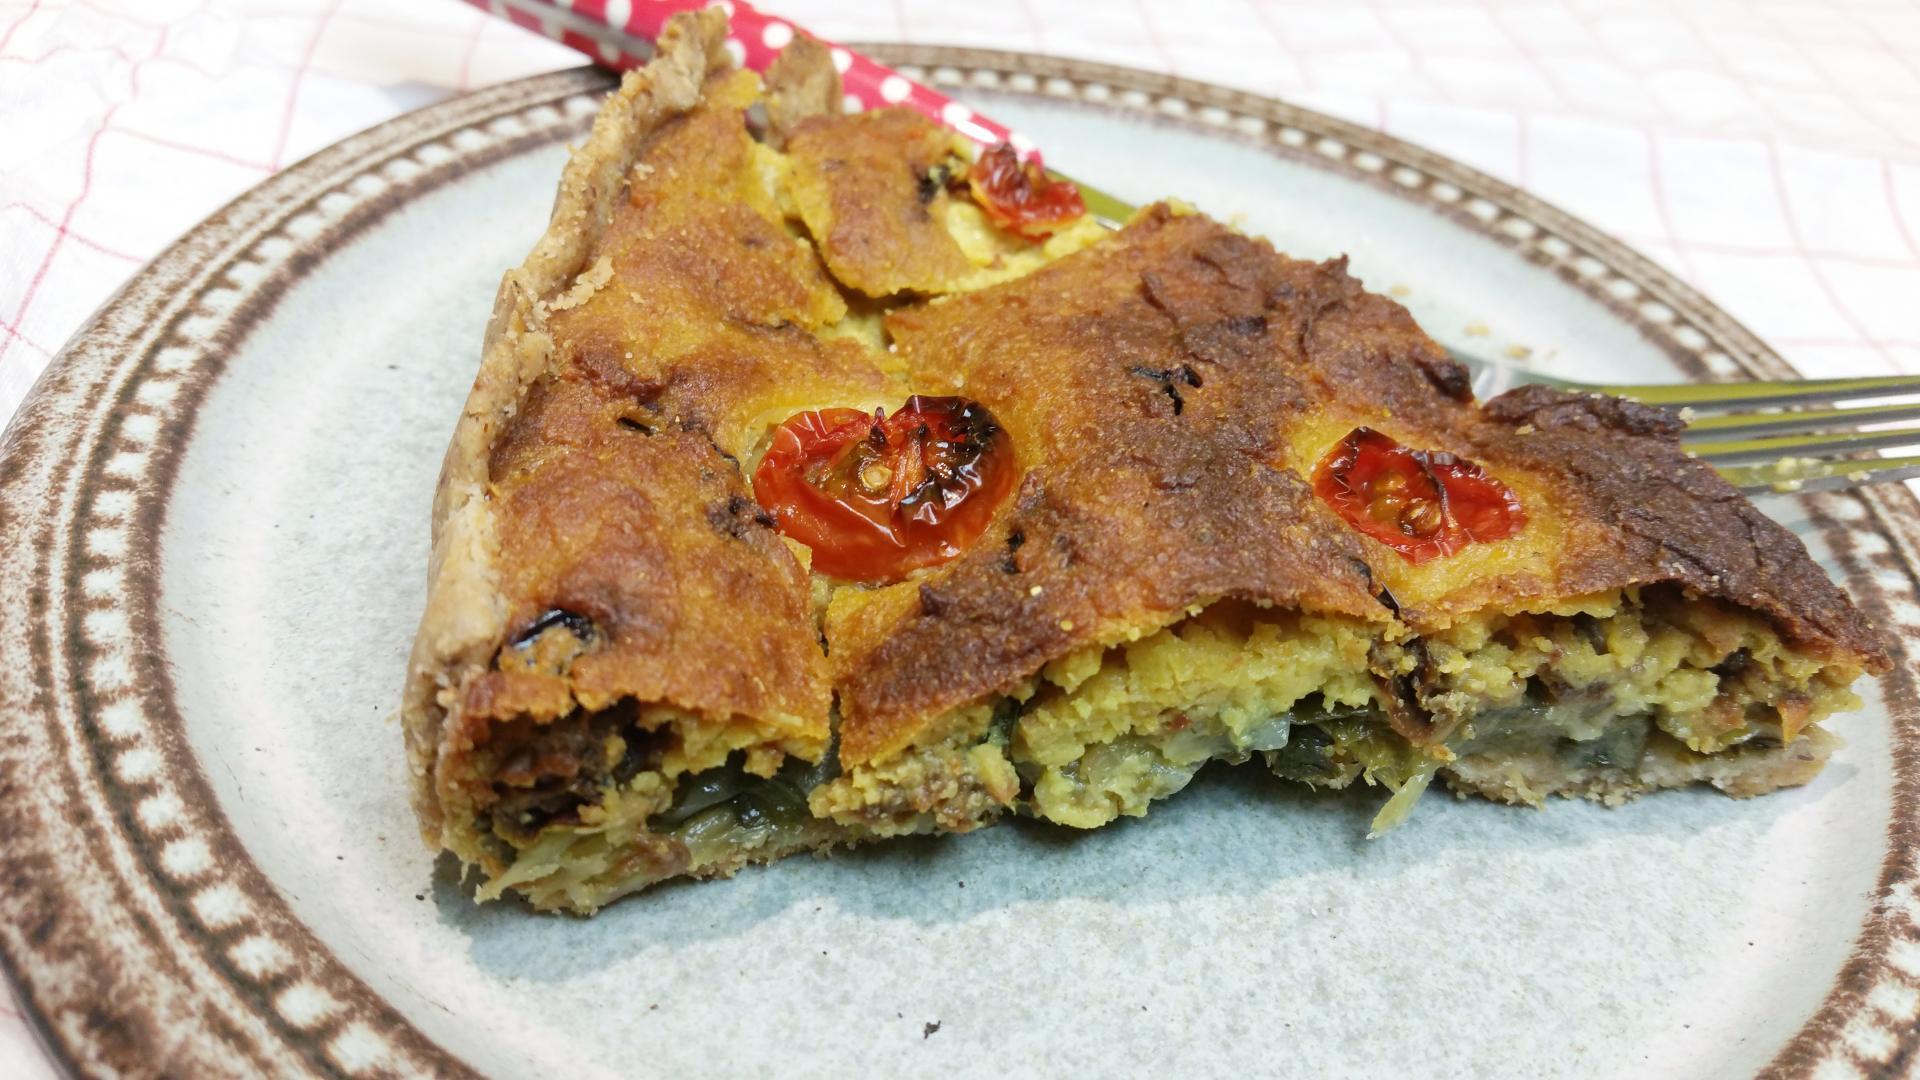 Uitgelichte foto voor het bericht Vegan quiche met andijvie